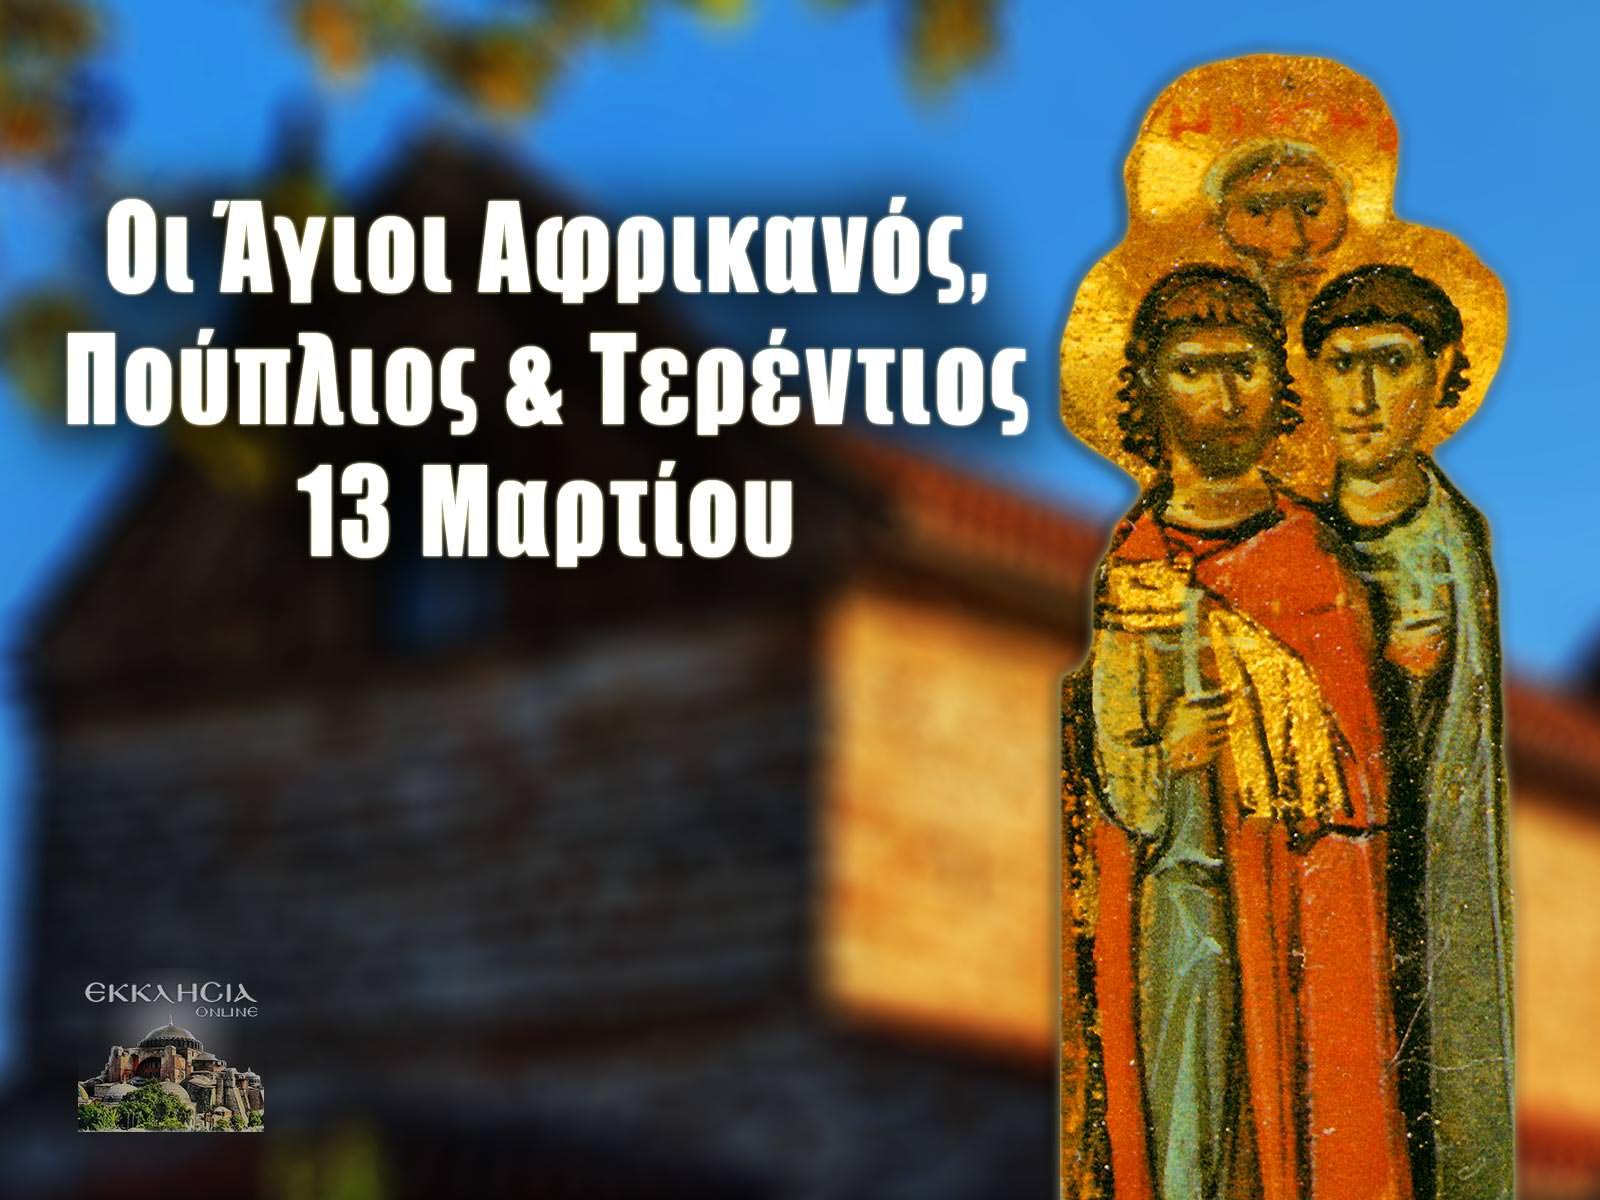 Άγιοι Αφρικανός Πούπλιος και Τερέντιος 13 Μαρτίου